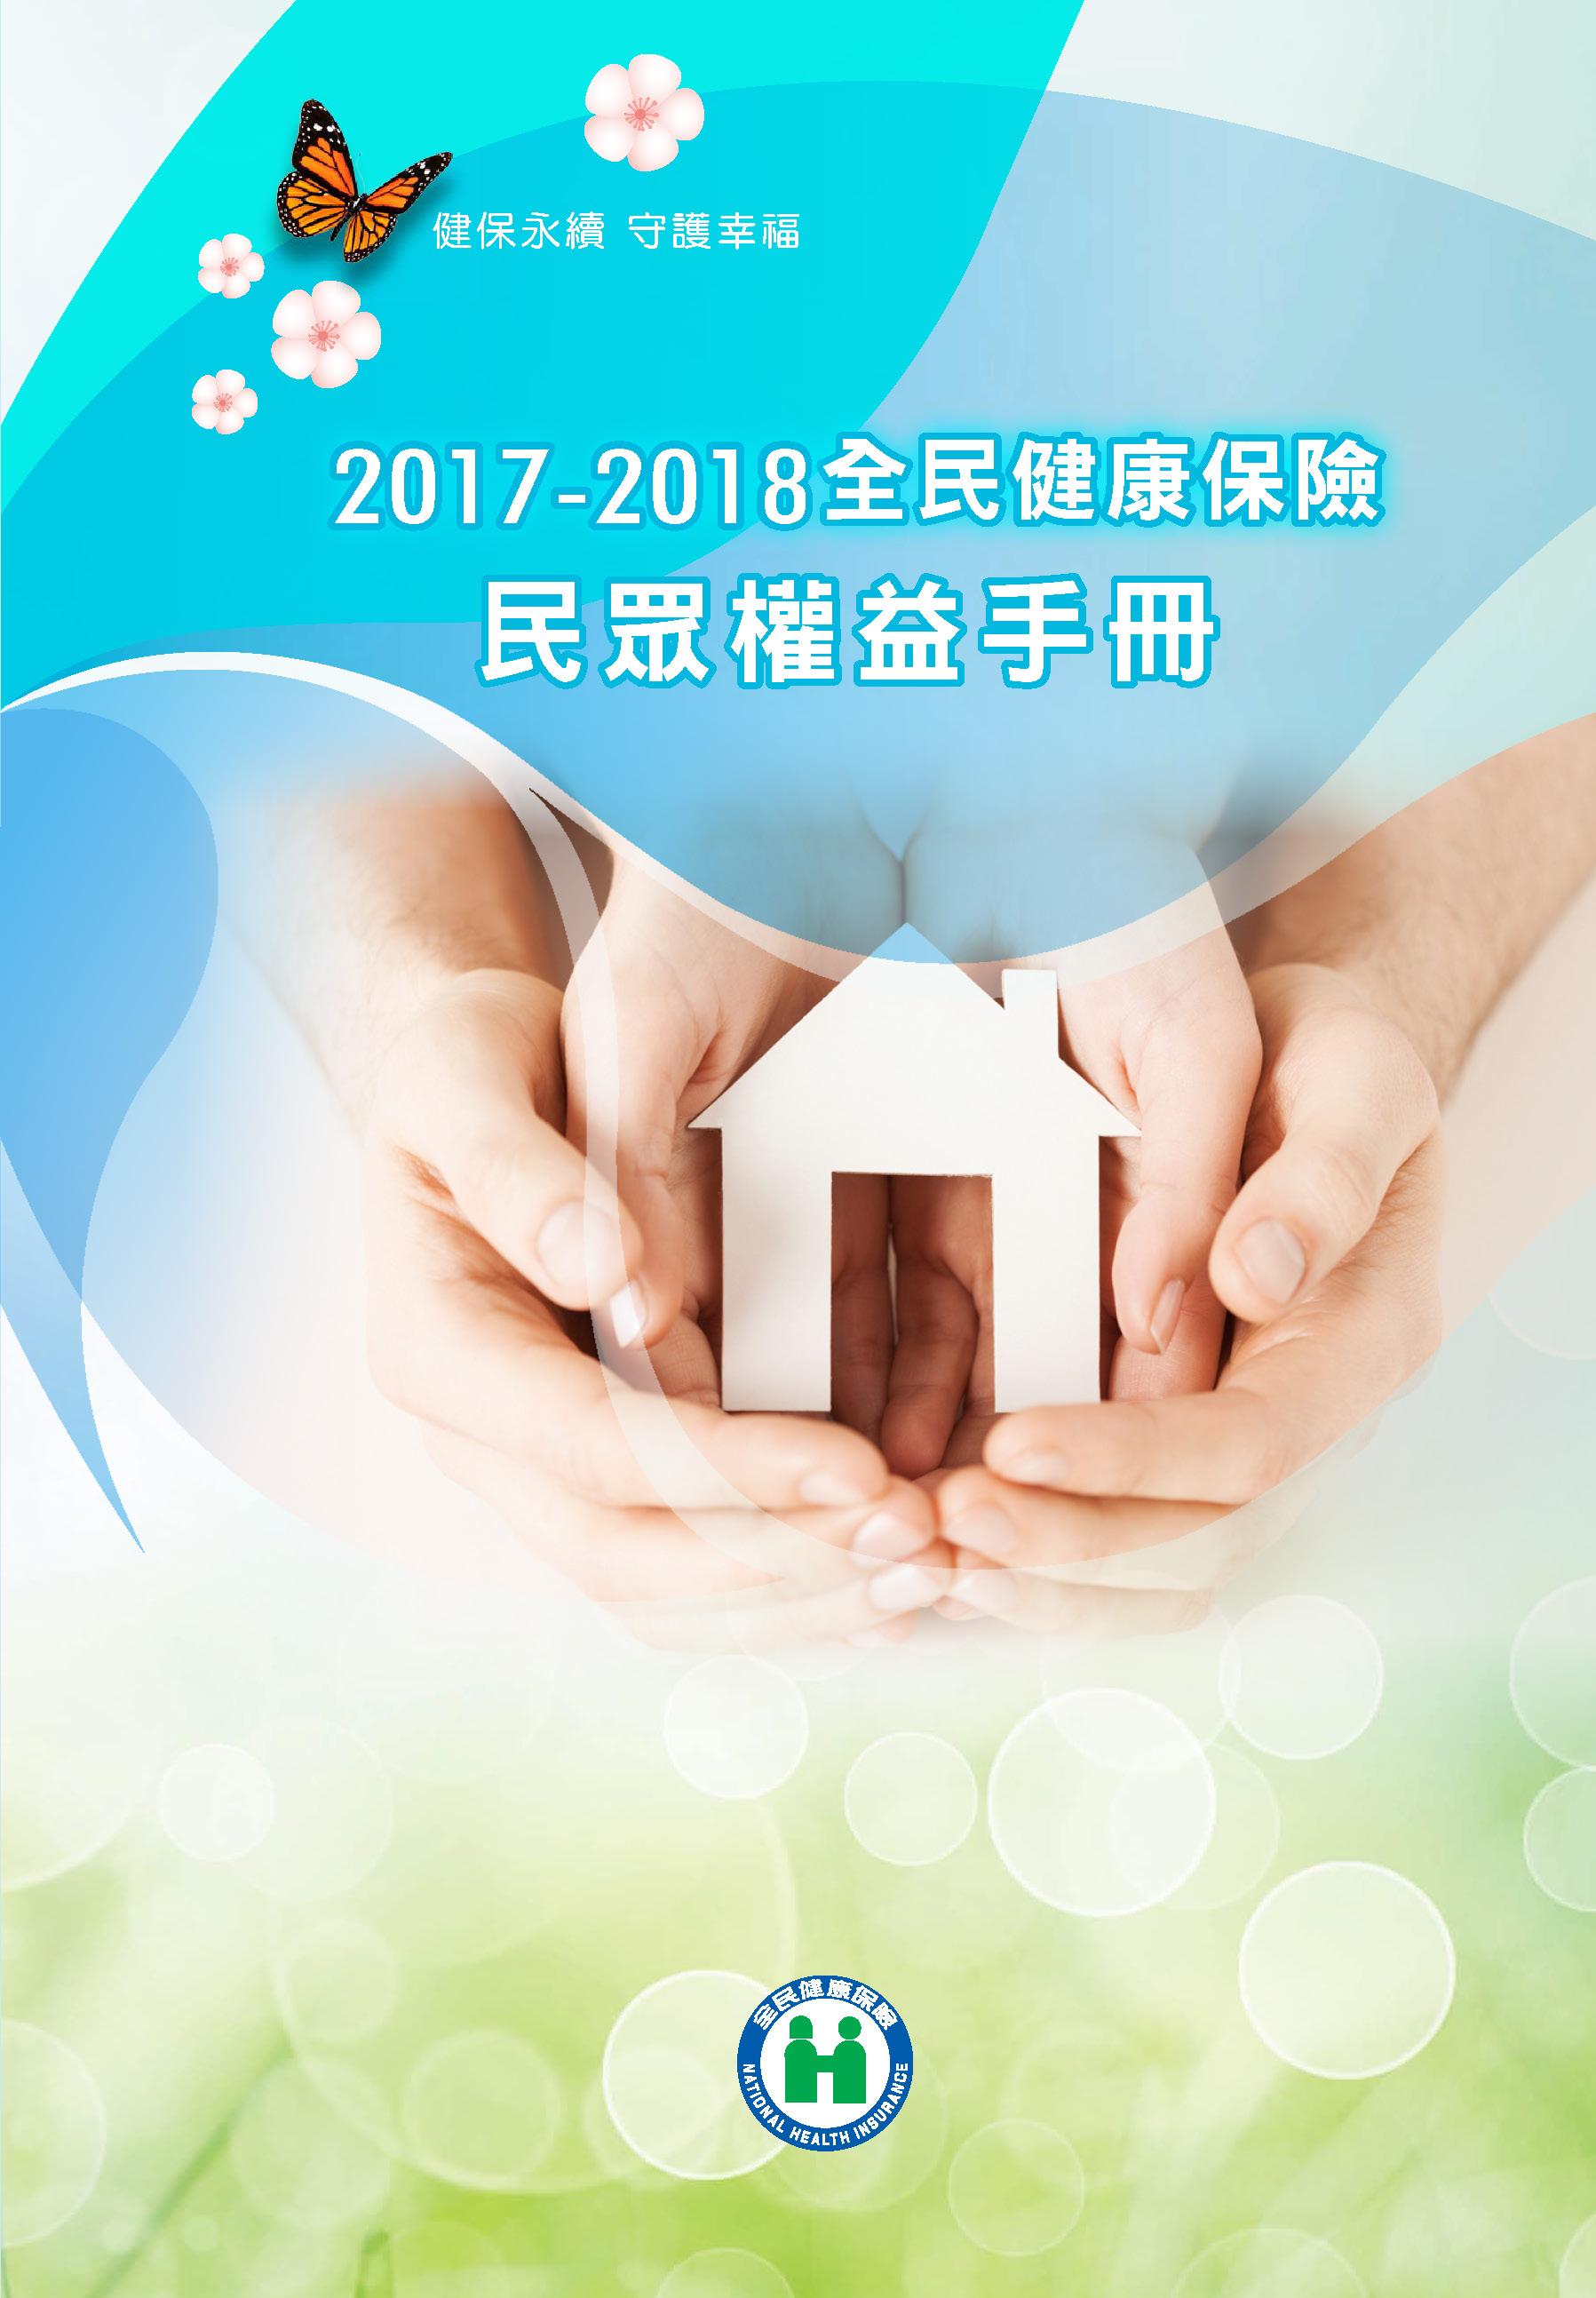 2017-2018 全民健保民眾權益手冊(國語版)